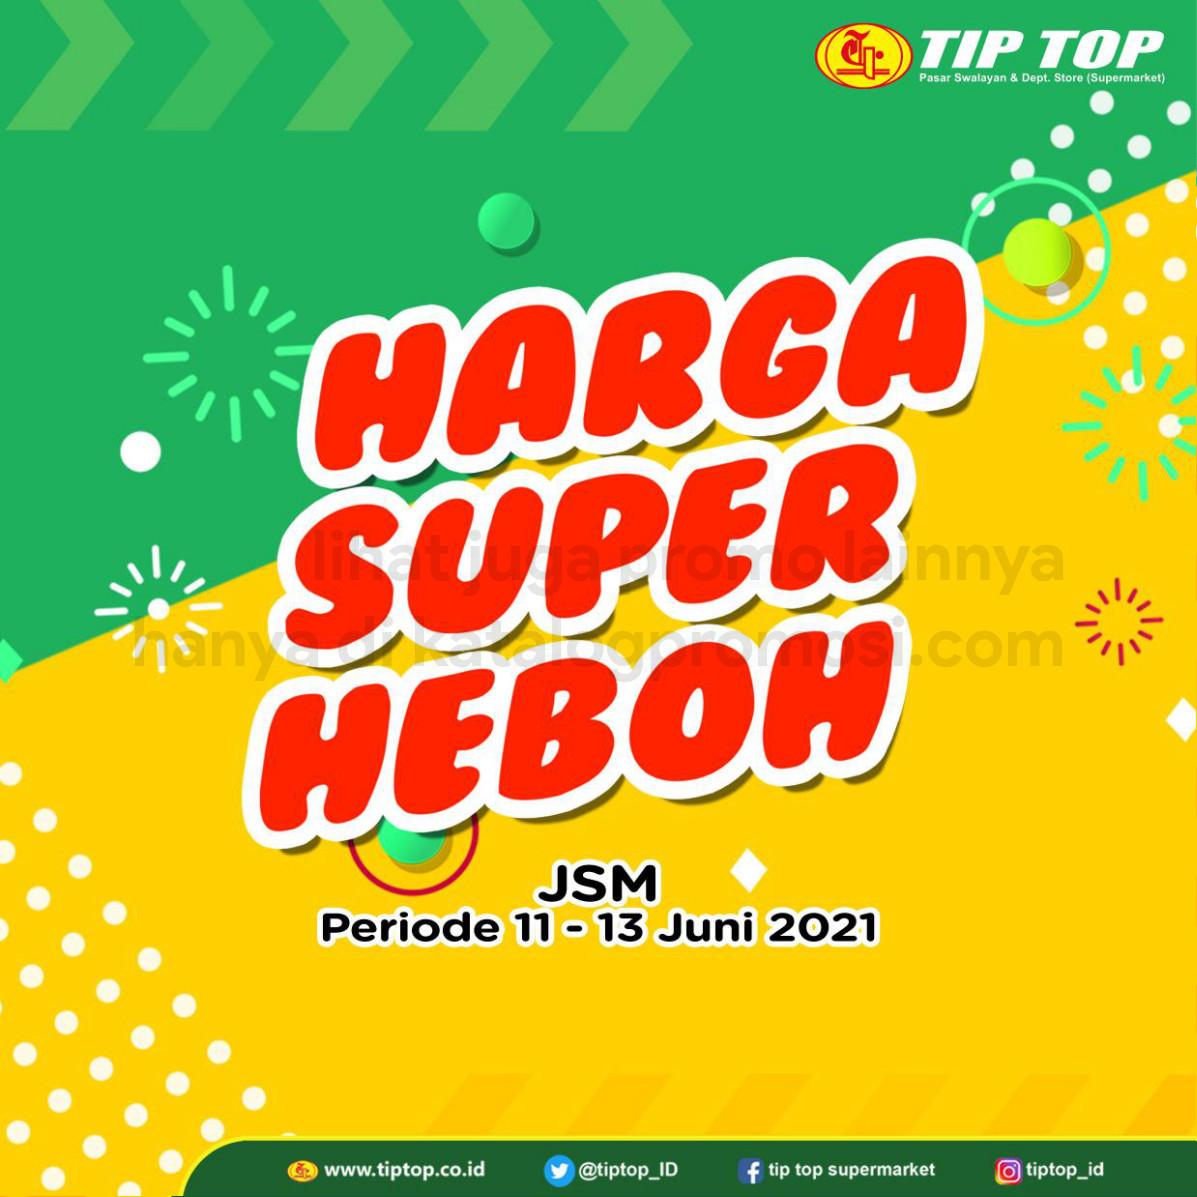 Katalog TIP TOP Pasar Swalayan Promo Weekend periode 11-13 Juni 2021